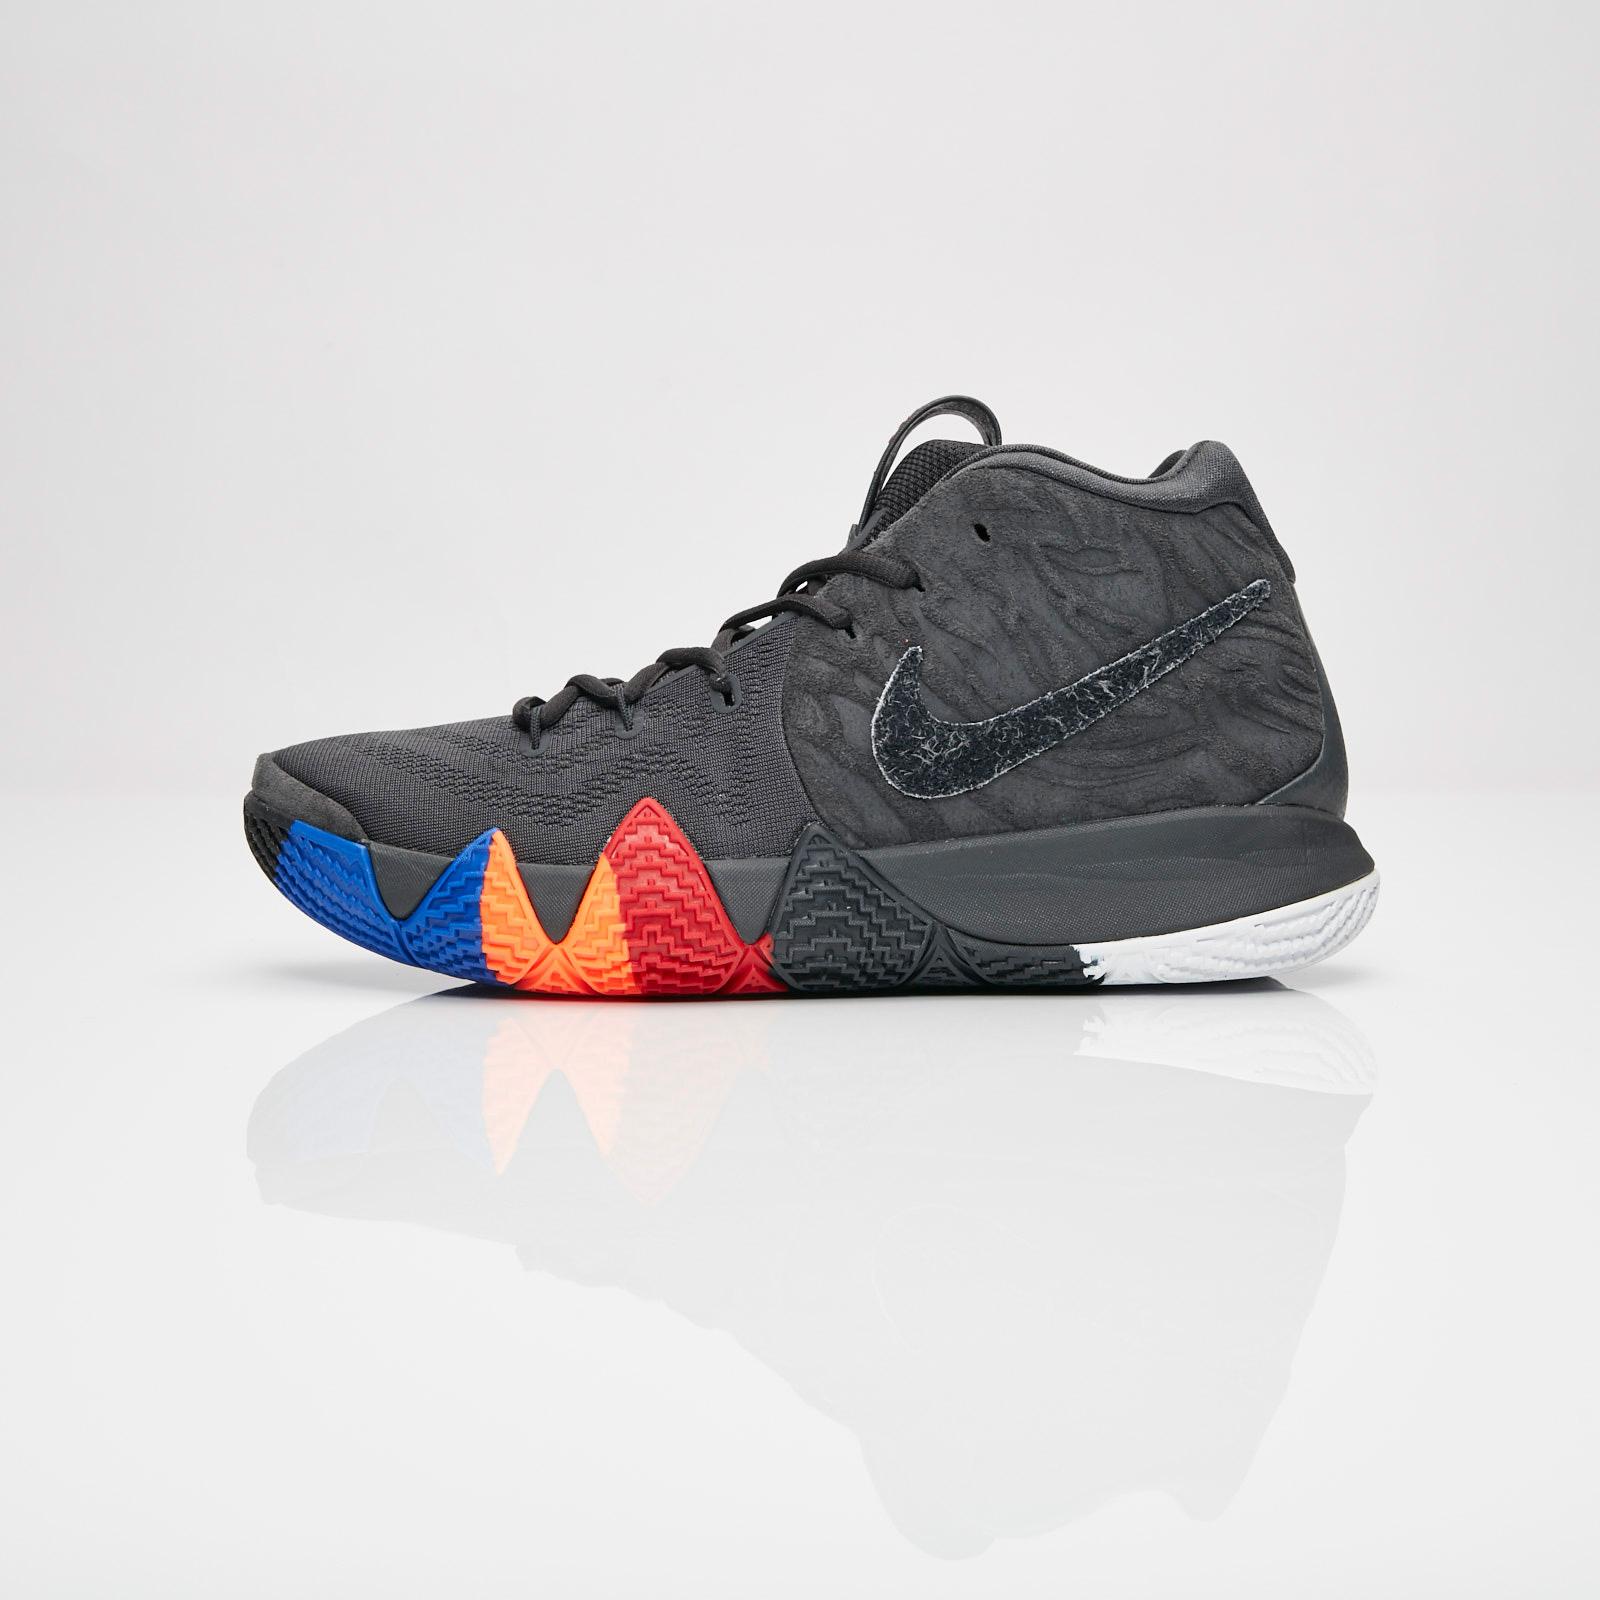 787368000b26 Nike Kyrie 4 - 943806-011 - Sneakersnstuff